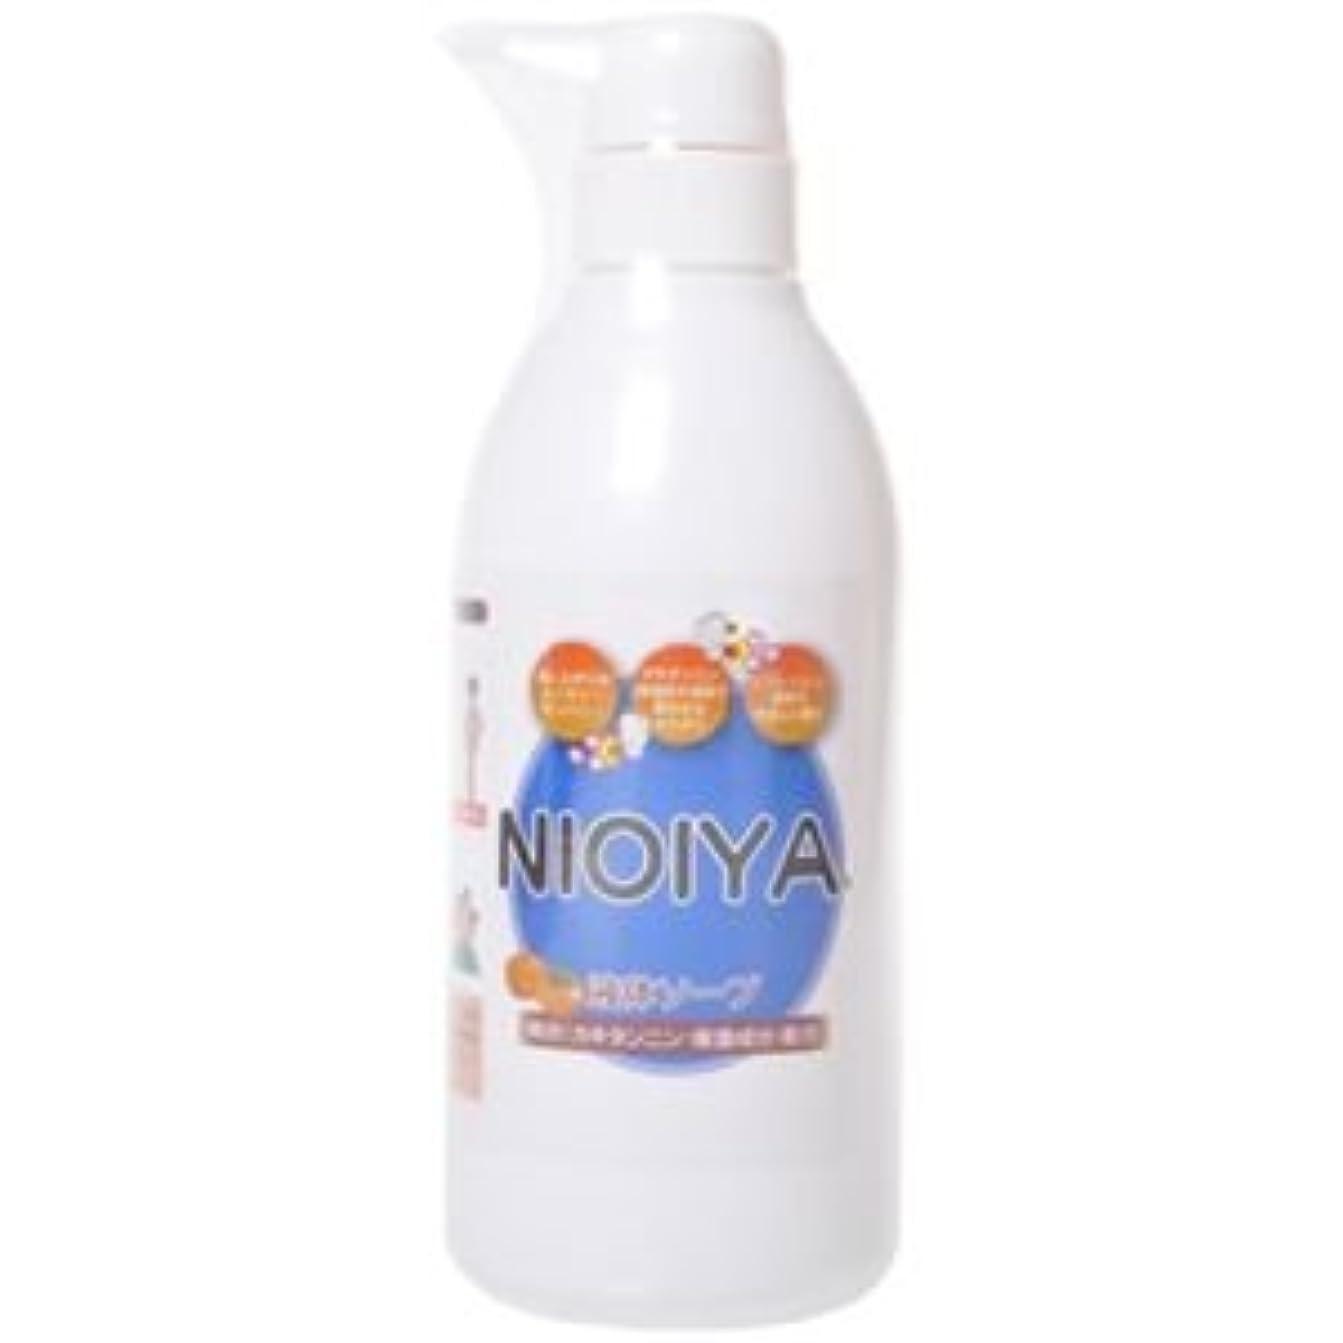 分類するジョガー転用NIOIYA 柿渋配合 液体ソープ 500ml 【2セット】